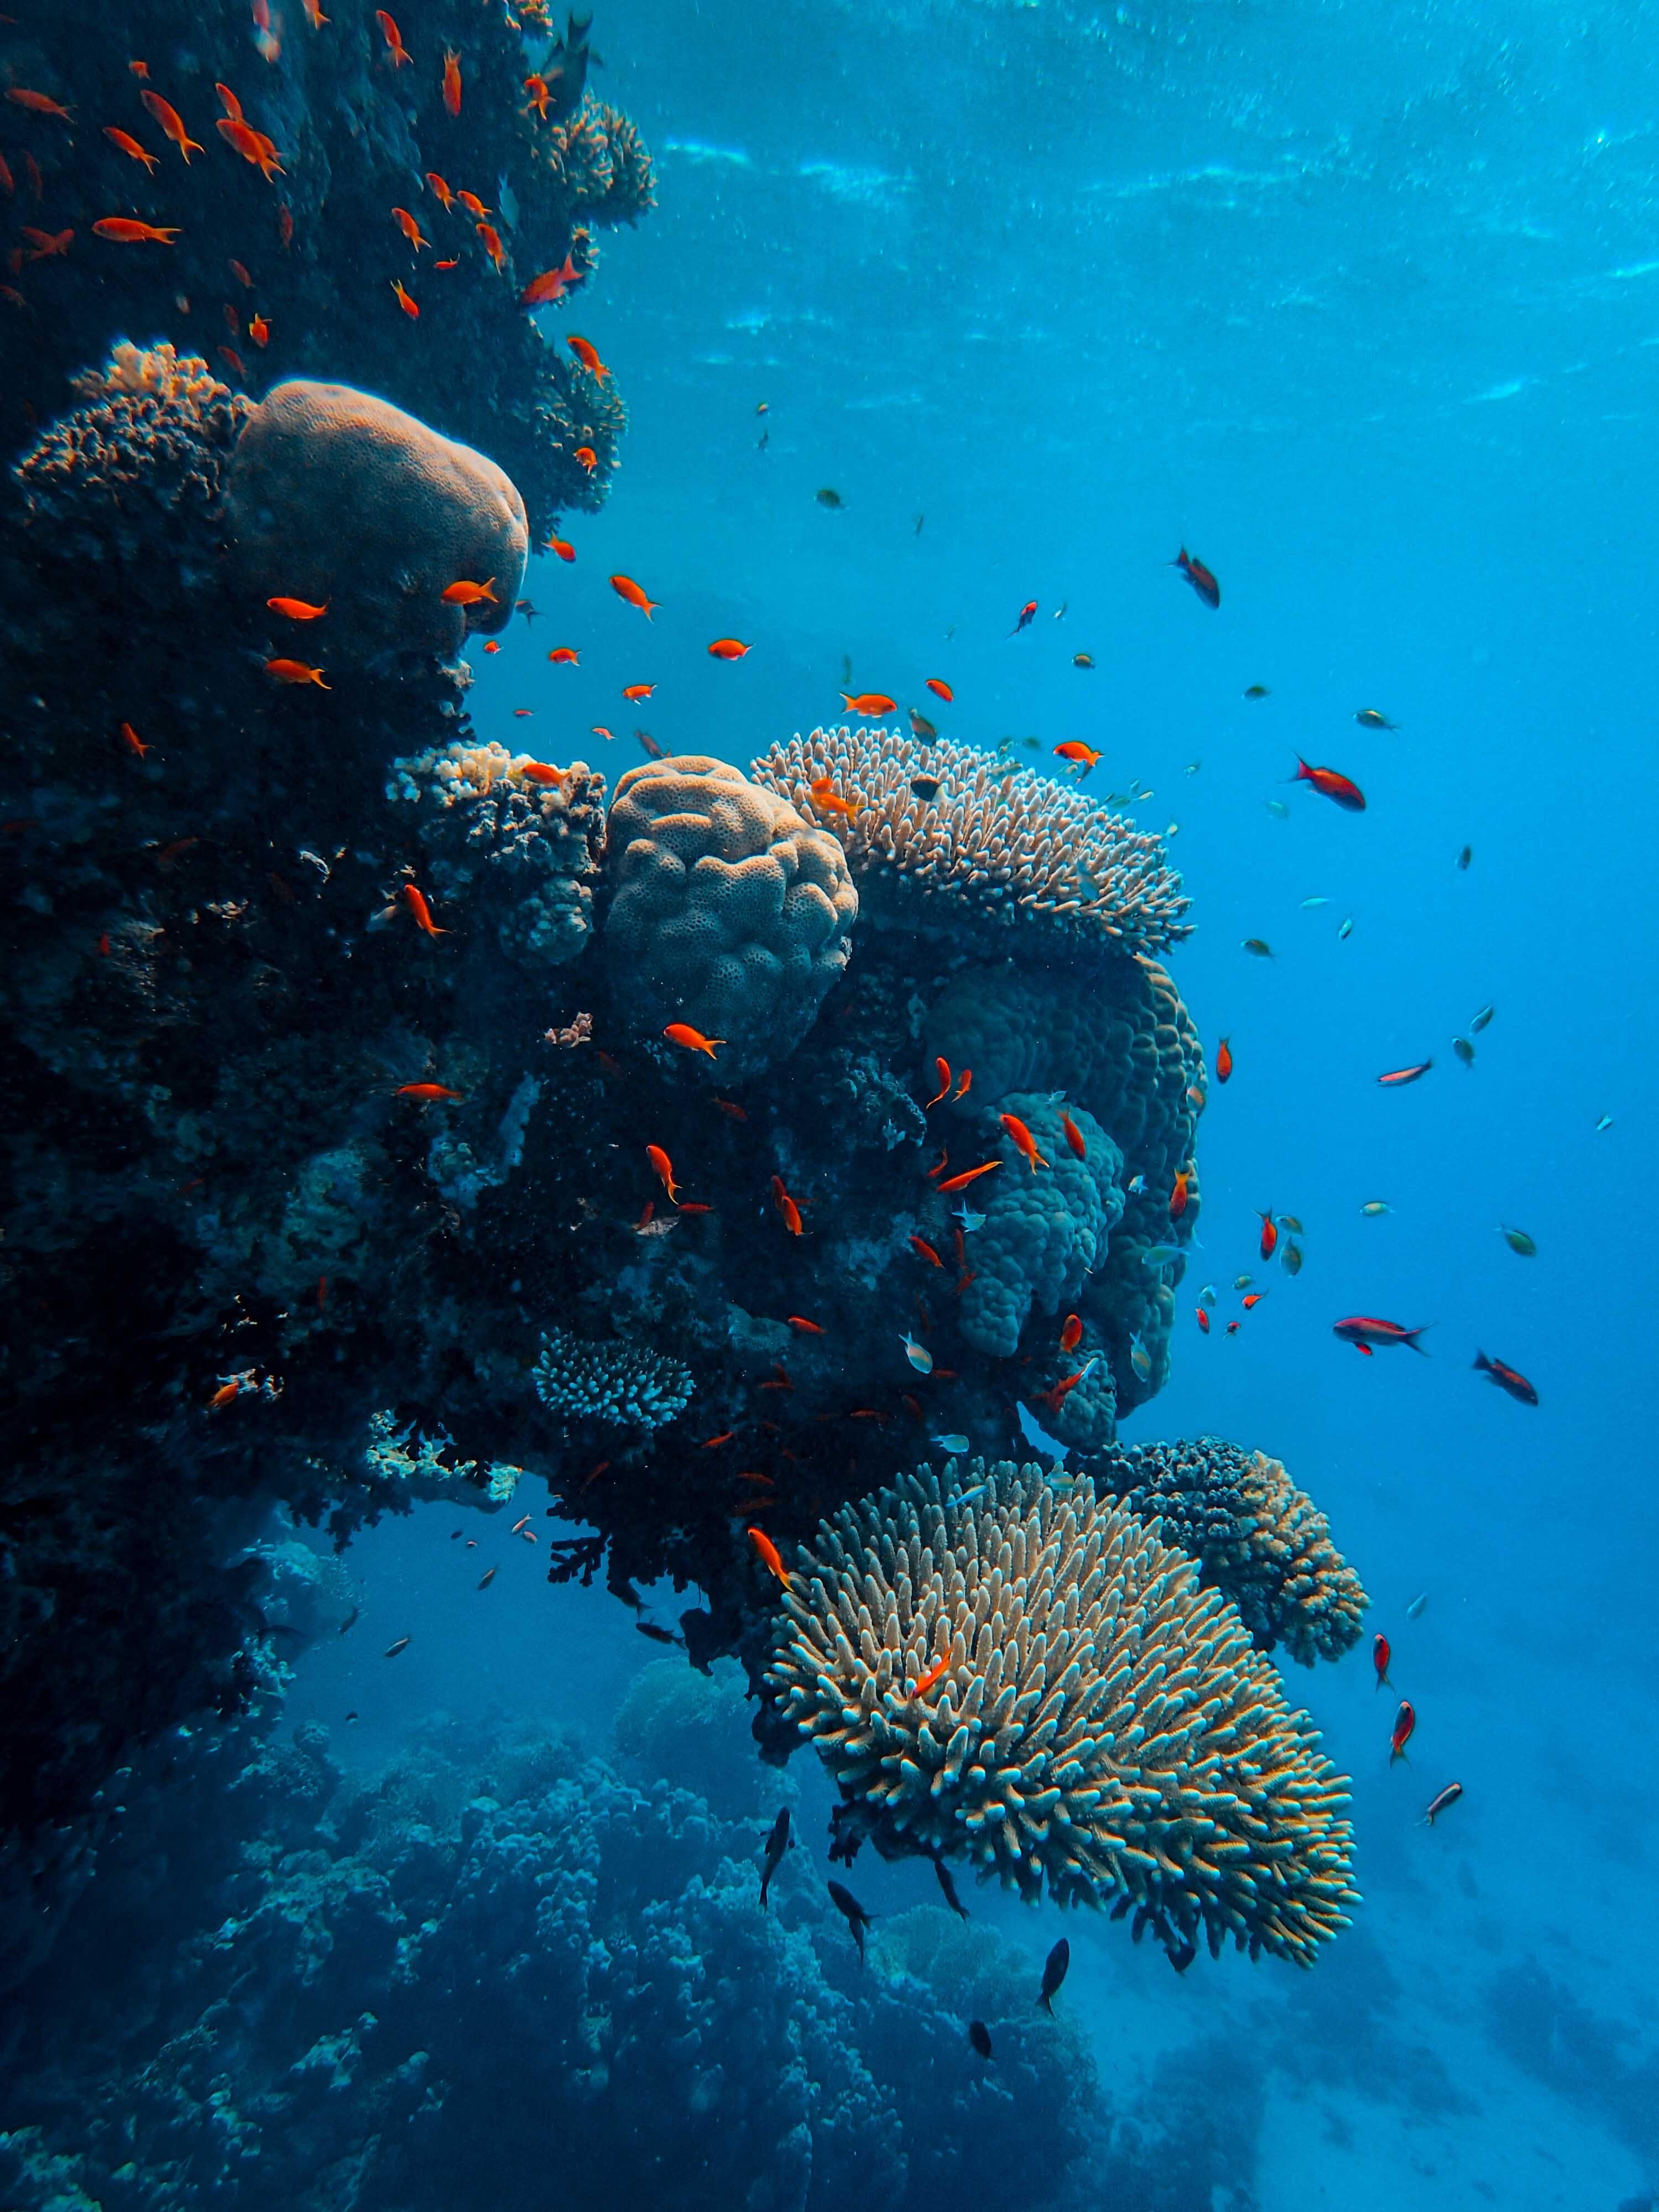 150809 Заставки и Обои Рыбы на телефон. Скачать Рыбы, Природа, Кораллы, Океан, Подводный Мир картинки бесплатно